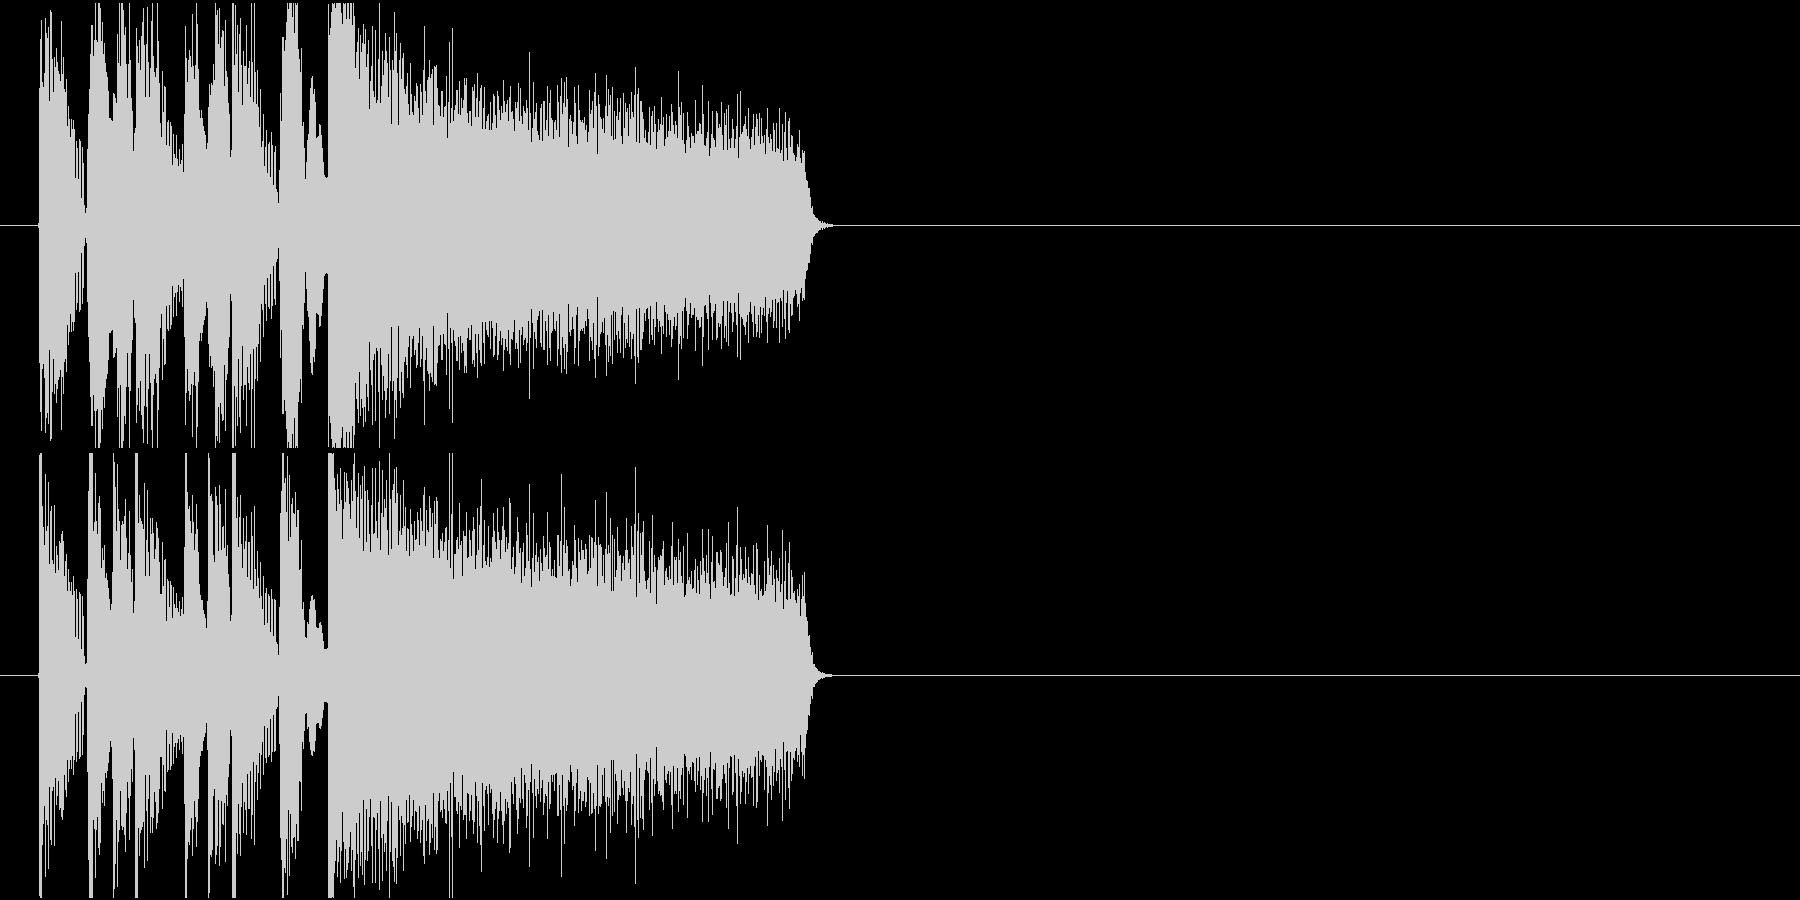 コミカル おちゃらけ コント クイズの未再生の波形